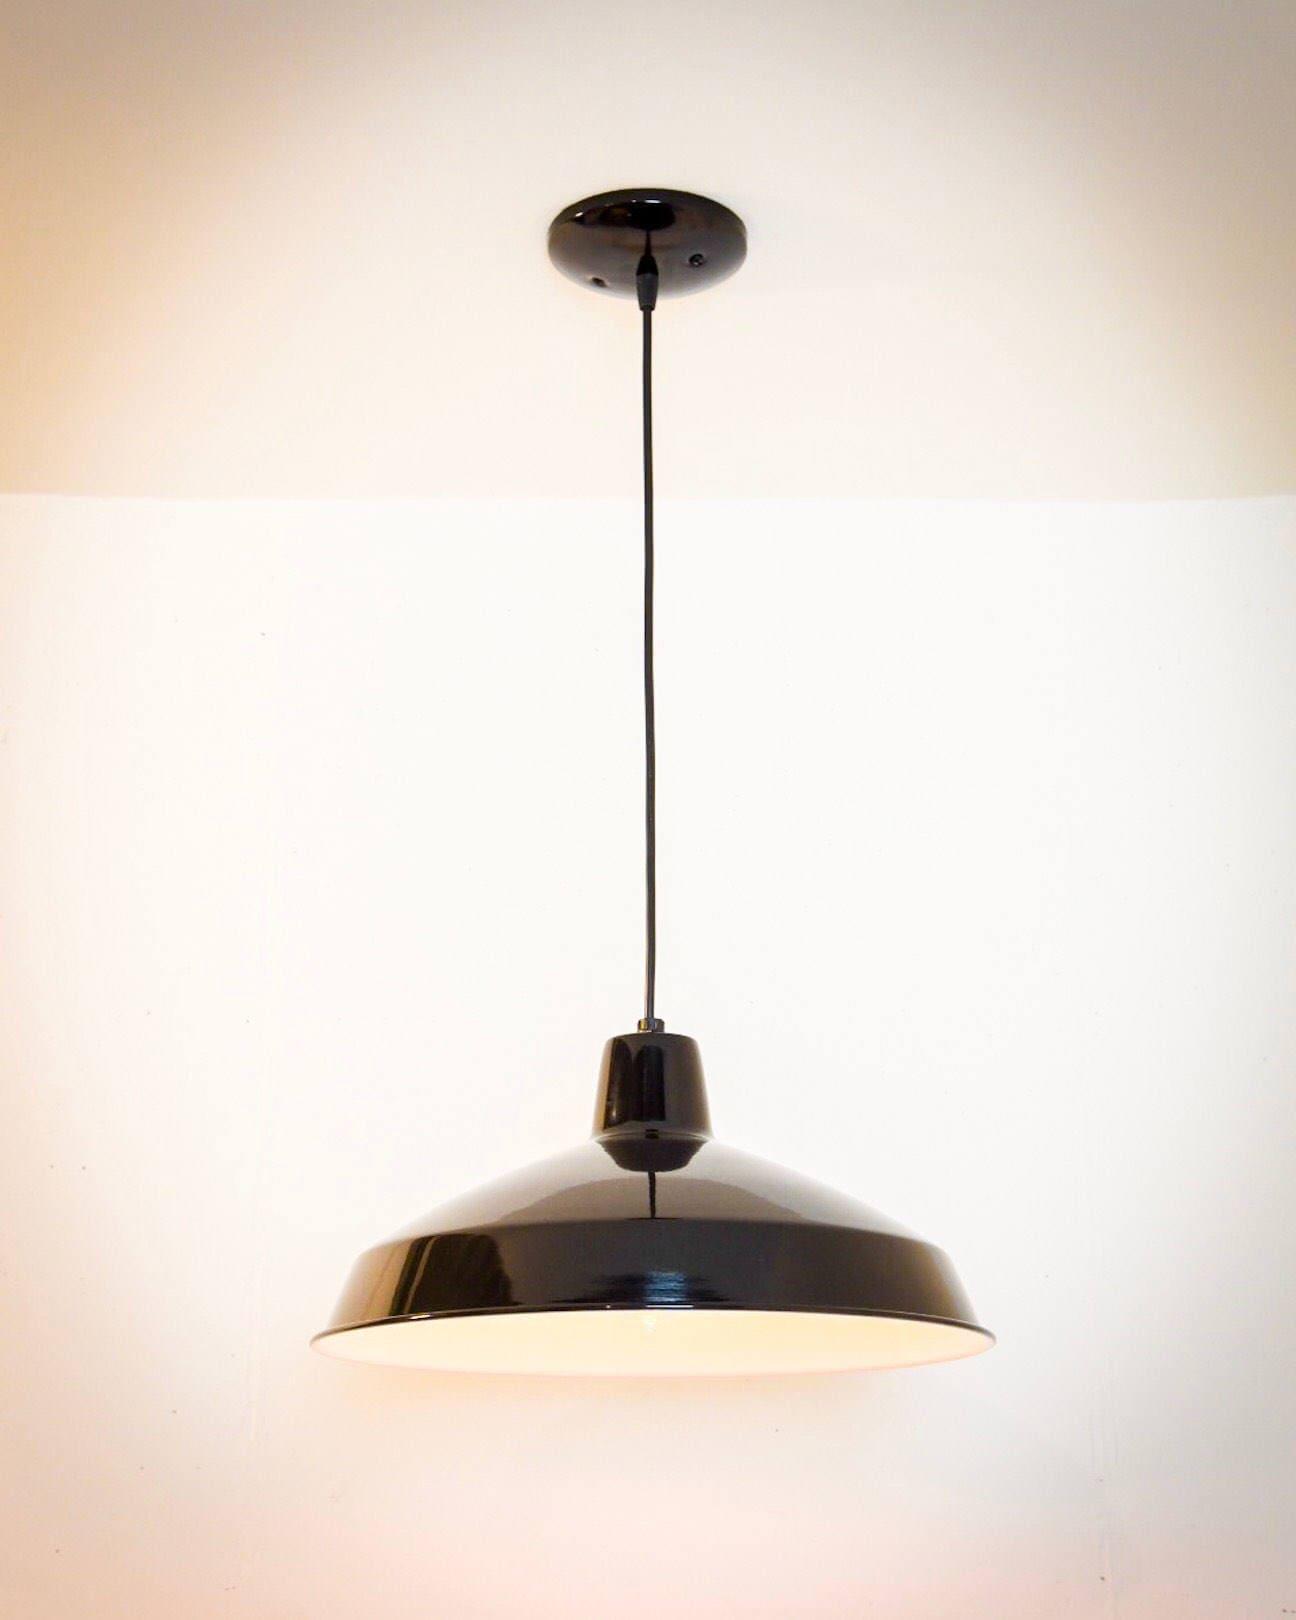 c1fc7ea3b20 Black Barn Light - Barn Pendant Light - Industrial Pendant Light - Vintage  Style Lighting - Barn Ceiling Lamp - Barn Lamp - Rustic Light